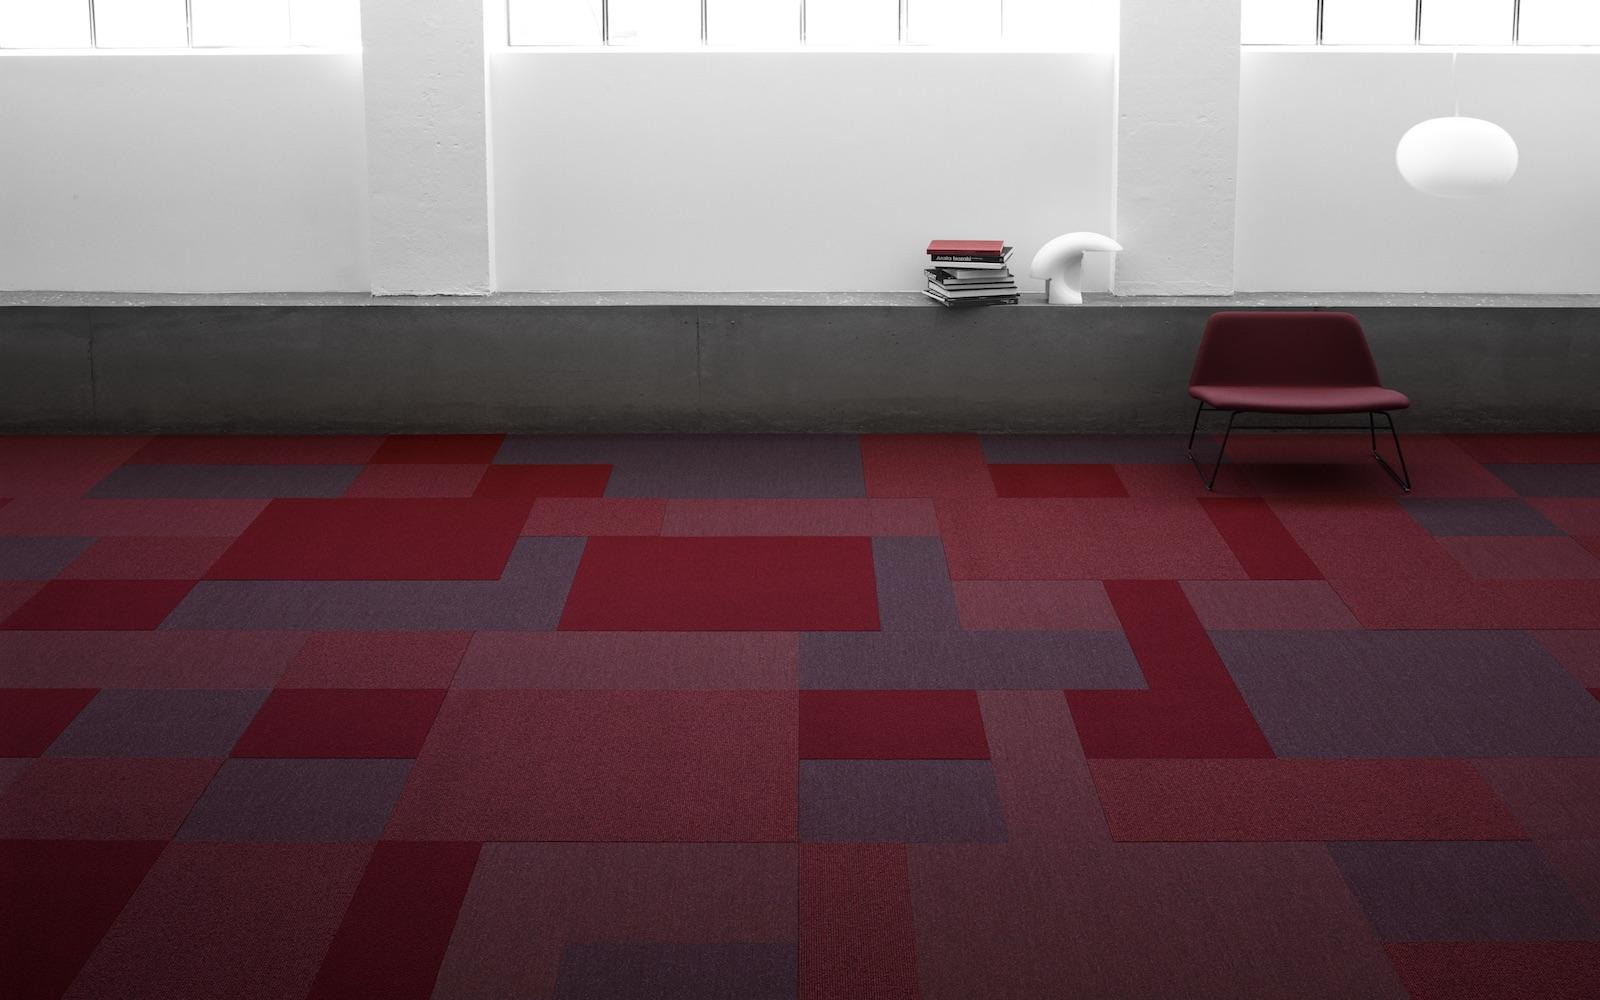 Dalles de moquette pour lieux publics dans des nuances de gris et de rouge